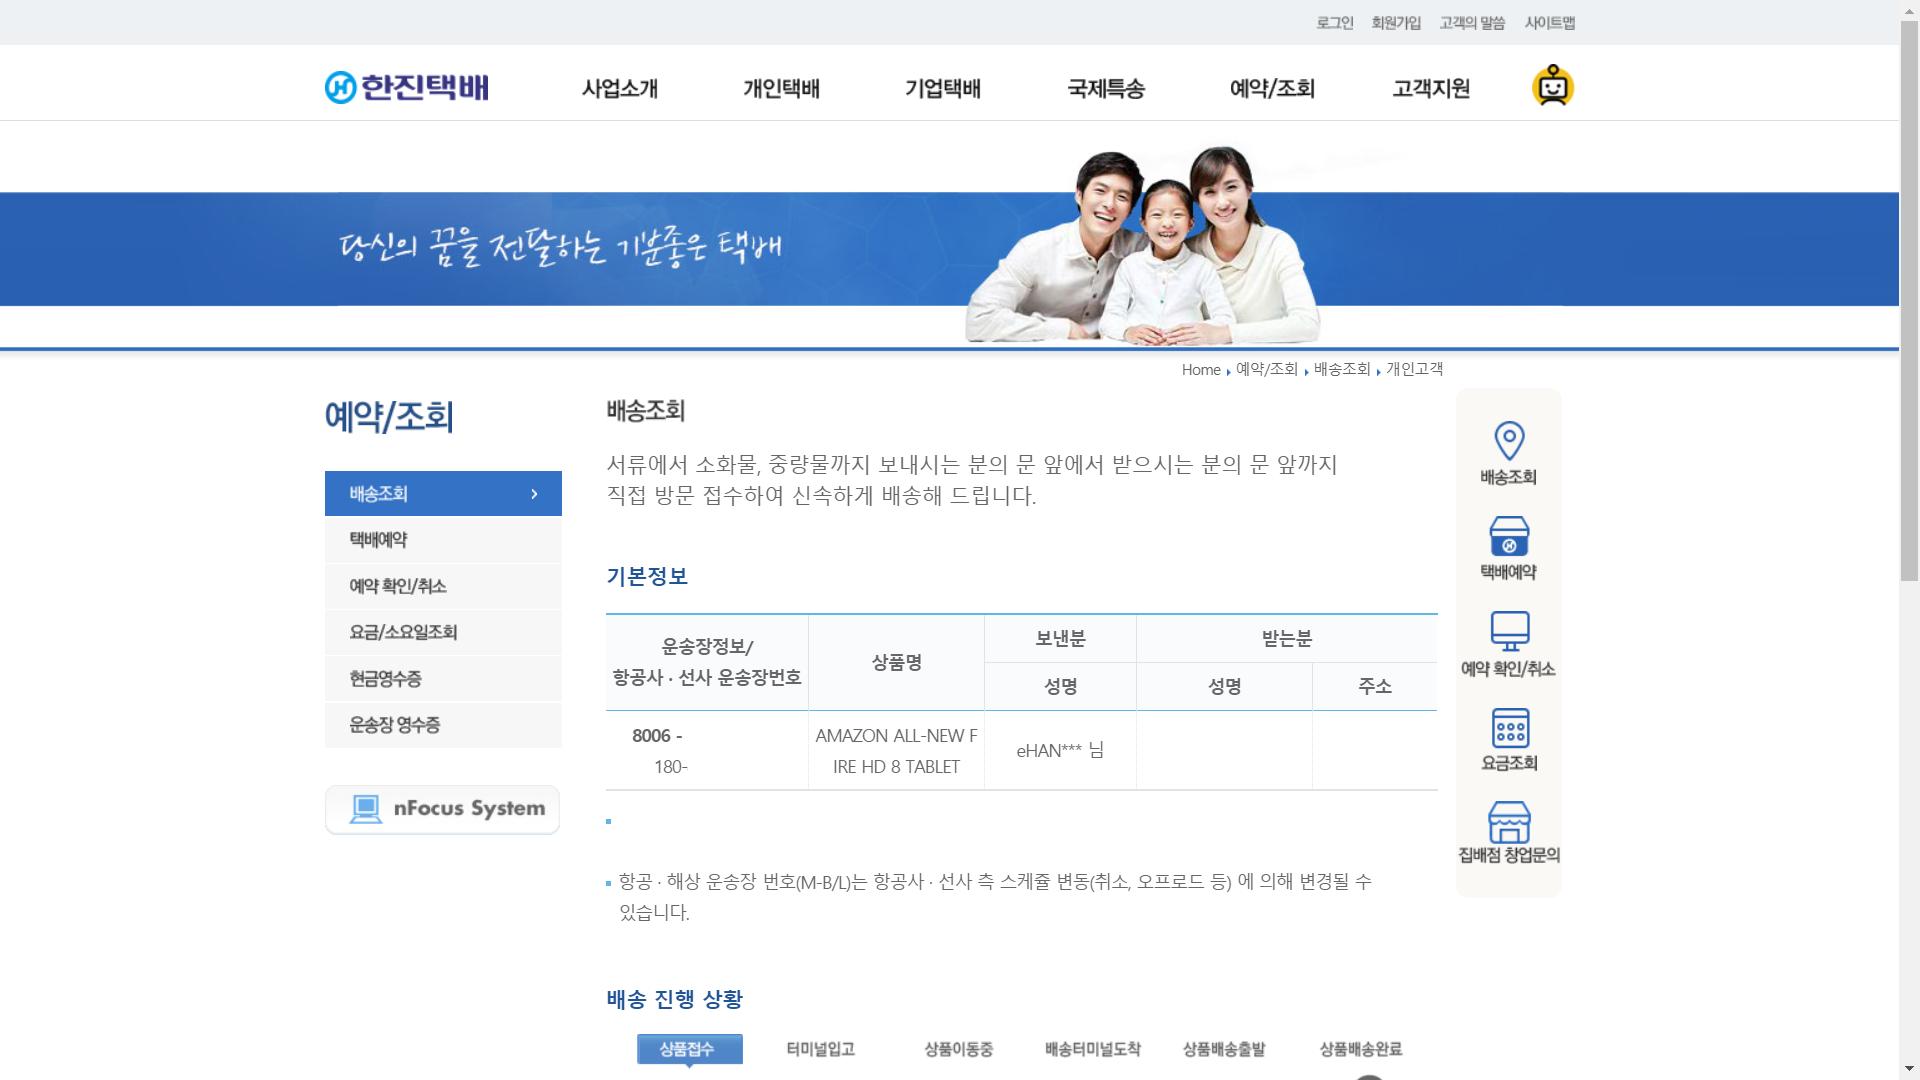 이하넥스에서 보낸 택배는 언제 한국에 오는가?